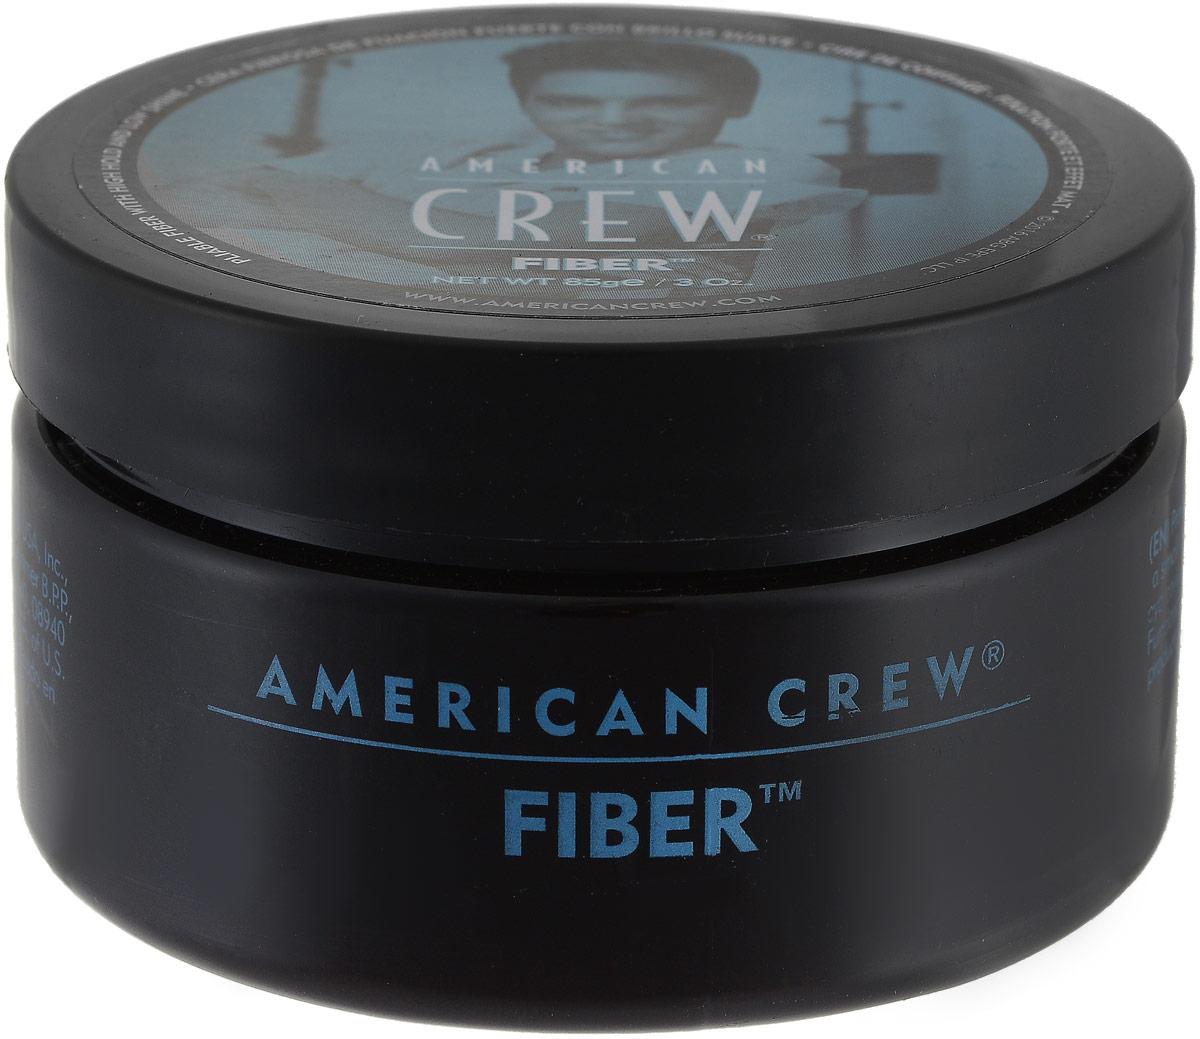 American Crew Паста высокой фиксации с низким уровнем блеска Fiber Gel 85 гFS-00103American Crew& Fiber Gel паста высокой фиксации с низким уровнем блеска это великолепное средство для стайлинга, которое помогает эффектно увеличить объём волос, уплотнить волосы и придать им текстуру. Гель Американ Крю содержит в составе такие основные ингредиенты, как пчелиный воск (который сохраняет в волосах необходимое количество влаги и предотвращает появление сухости волос), цетил пальмитат (разглаживающее и смягчающее средство), ланолин (средство для необходимого увлажнения волос) и цетеарет-20 (средство для получения эффекта кондиционирования). Продукт отлично подходит также для волос короткой длины (от 3 до 8 сантиметров), имеет удобную для применения волокнистую структуру и обеспечивает гибкую фиксацию волос с красивым матовым оттенком.Гель American Crew Fiber Gel великолепно подходит и для укладки усов.